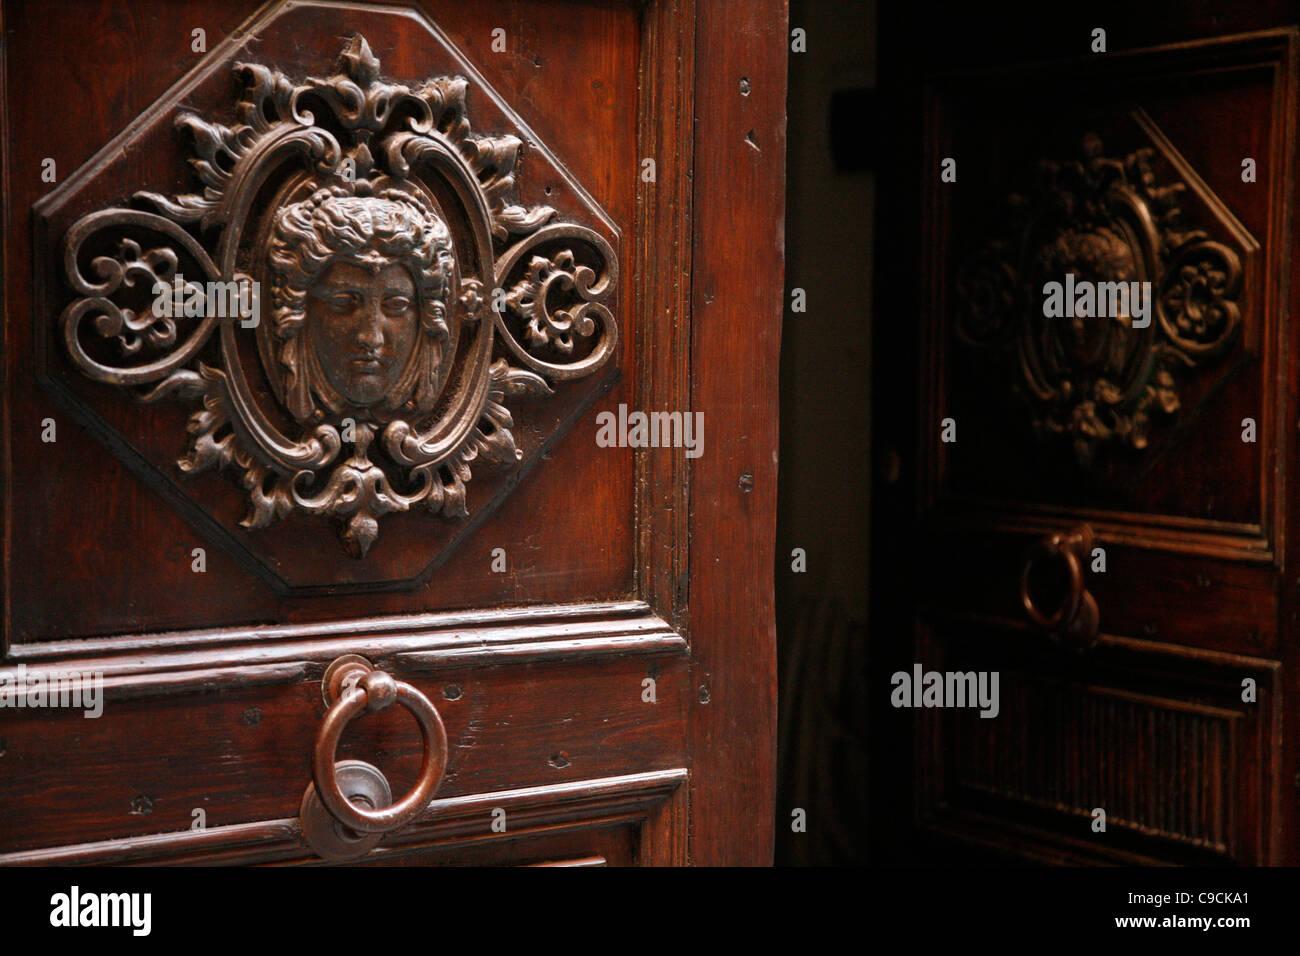 Dettaglio della porta, il Castello di Cagliari, Sardegna, Italia. Immagini Stock